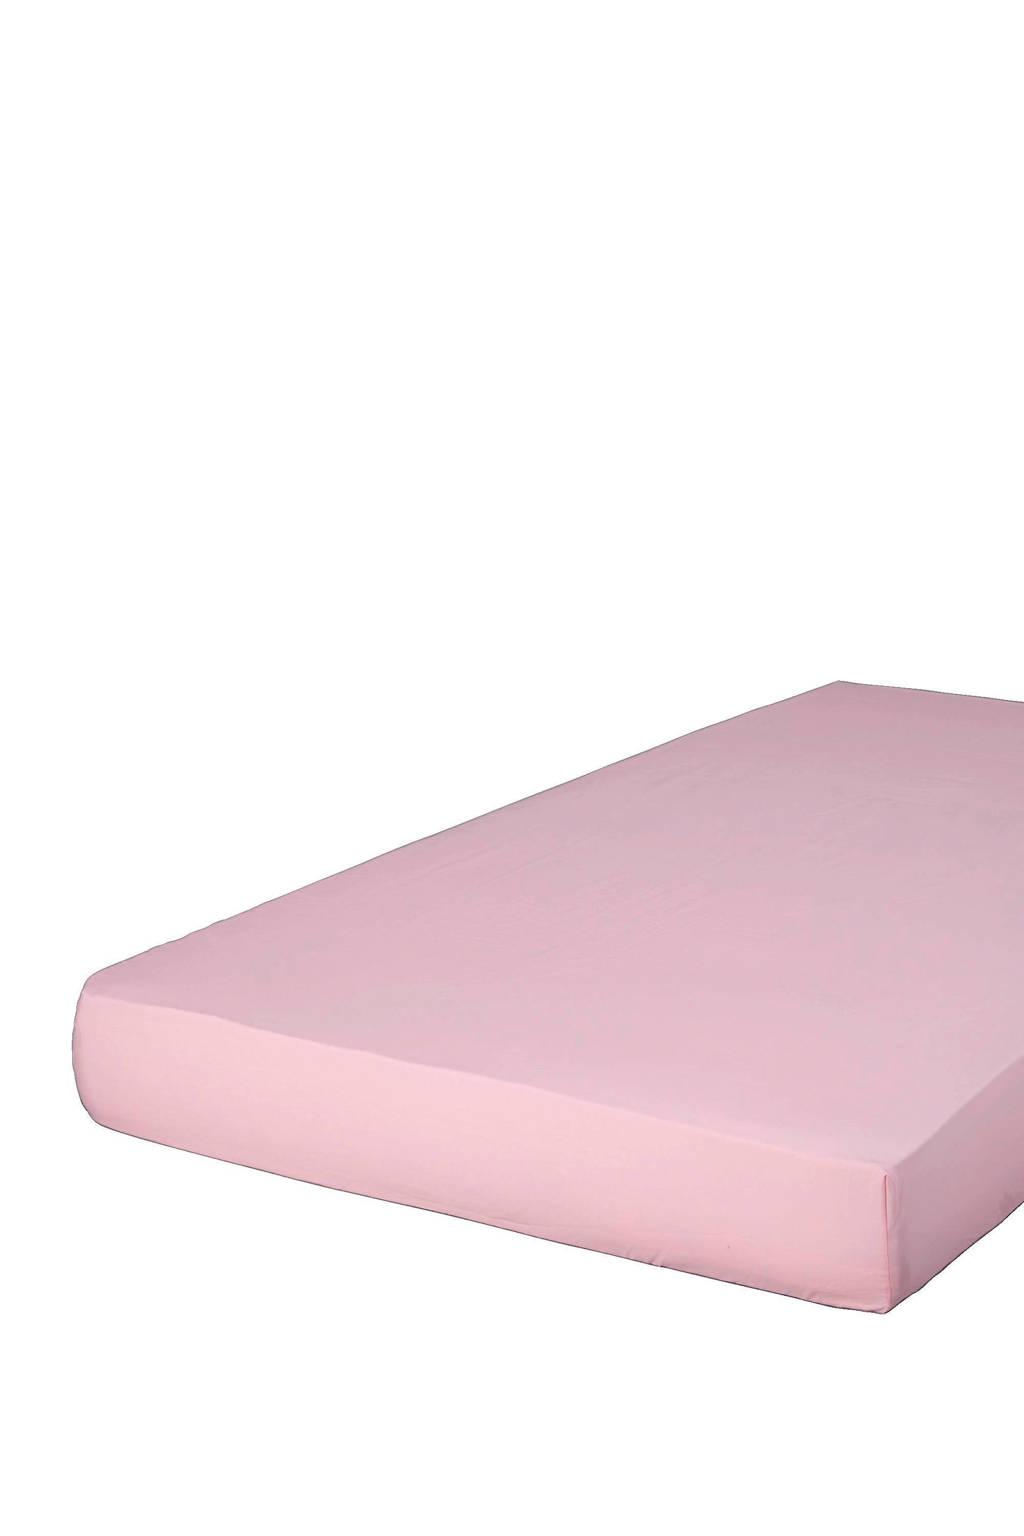 Essenza perkalkatoenen hoeslaken Roze